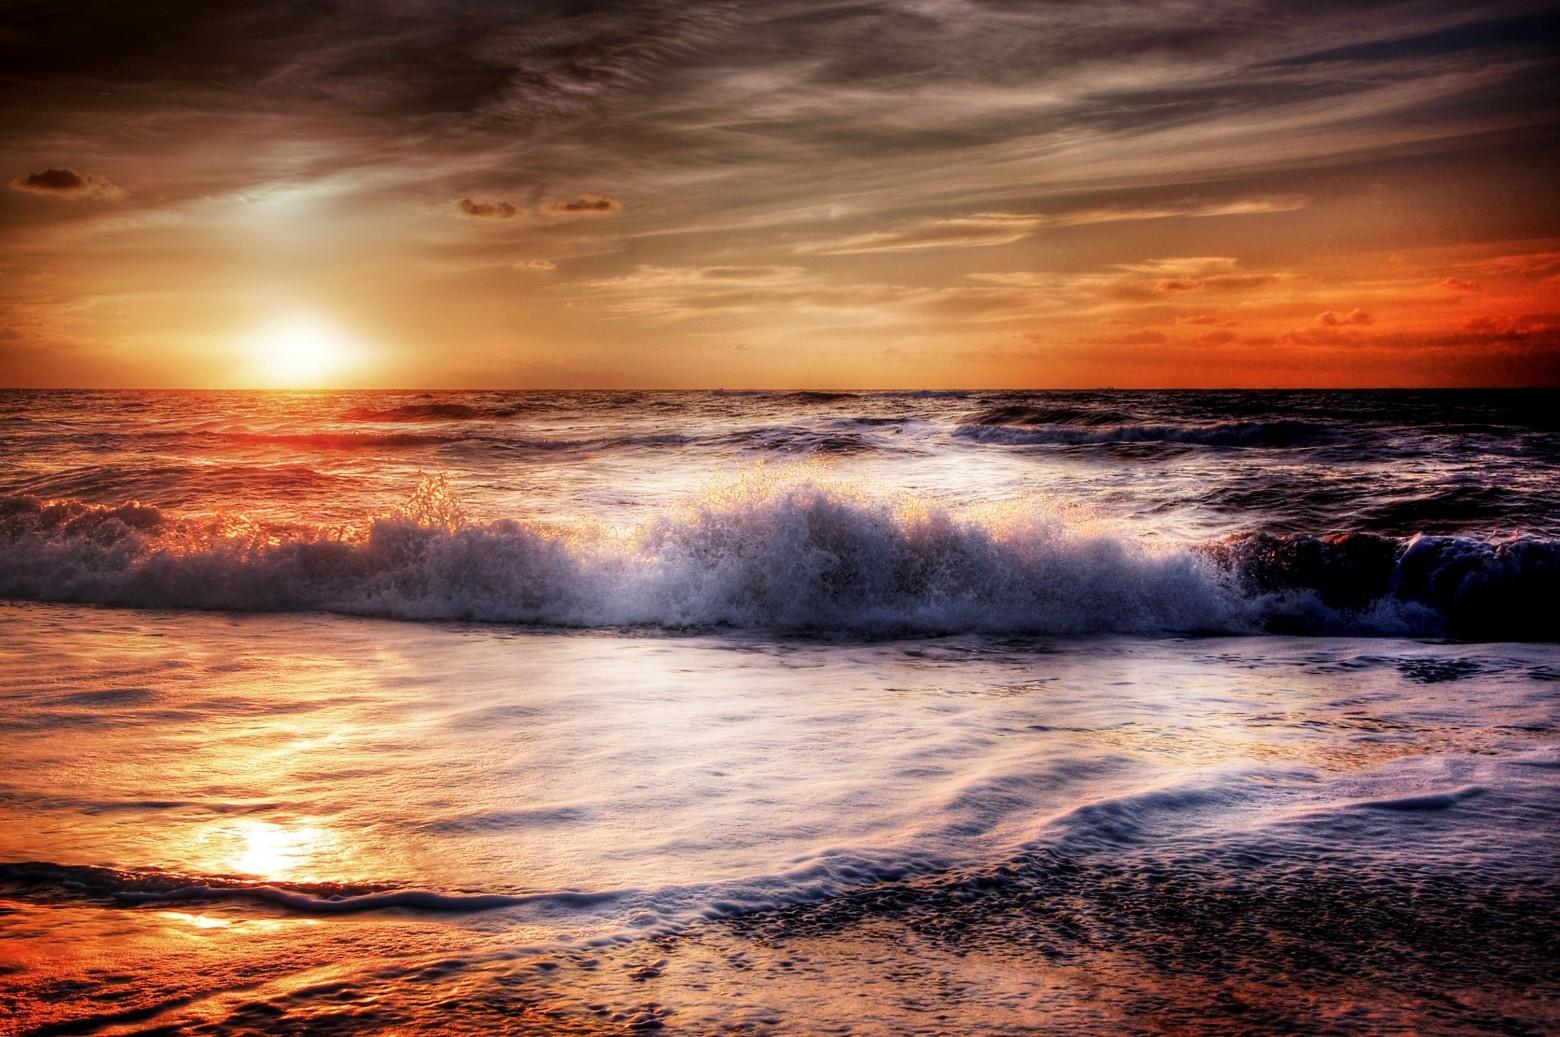 Image Fond D Ecran Paysage Mer Plage Voyage Ocean Coucher De Soleil Magnifique Images Gratuites Et Libres De Droits